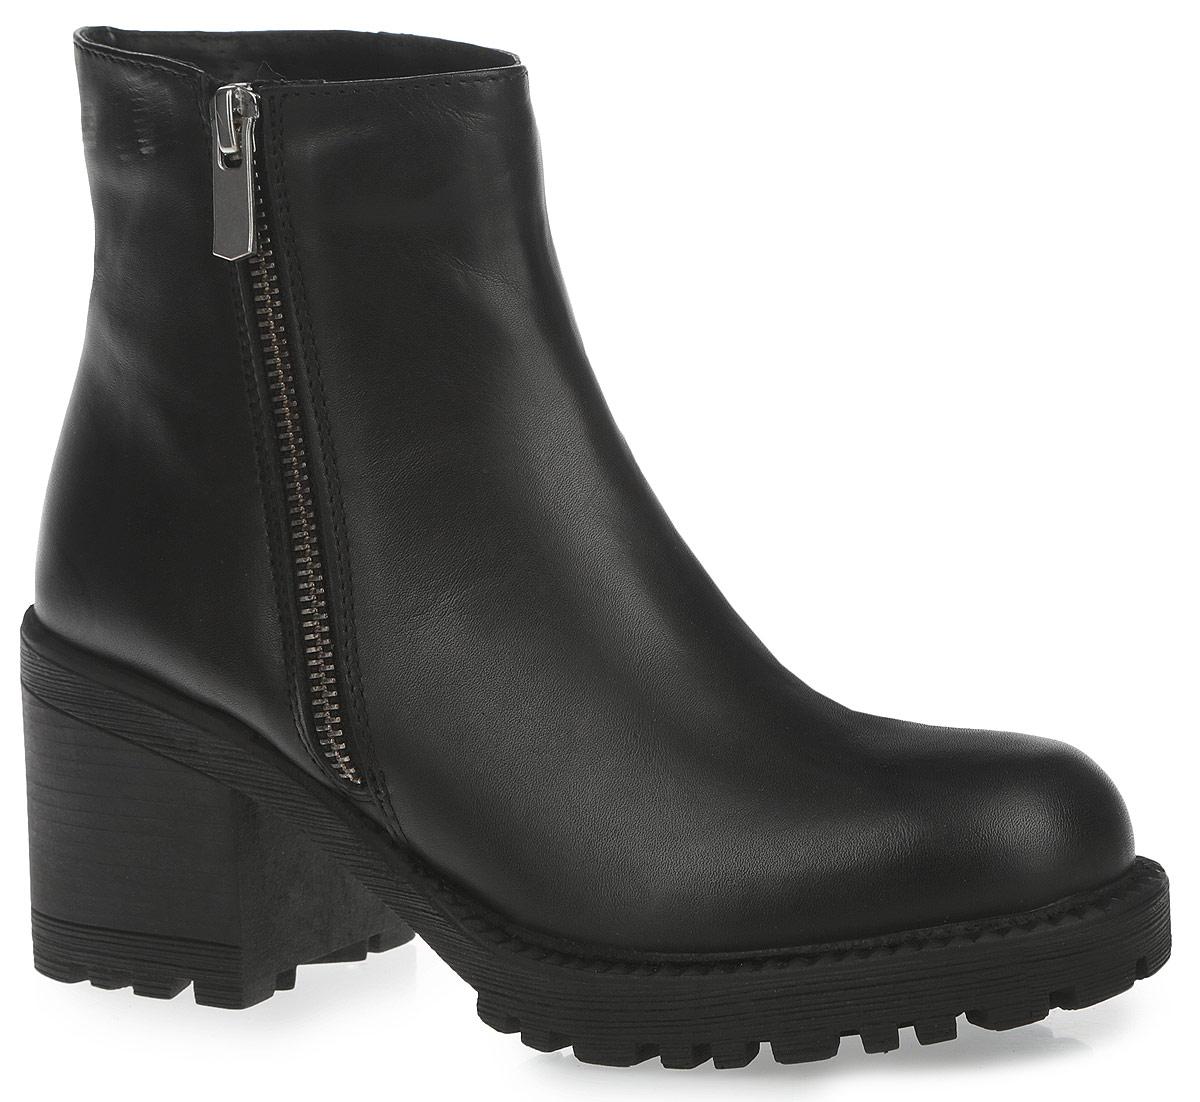 Ботинки женские. 9886-BUB-01-KB9886-BUB-01-KBСтильные женские ботинки от Calipso заинтересуют вас своим дизайном с первого взгляда! Модель выполнена из высококачественной натуральной гладкой кожи и декорирована сбоку фактурным швом. Подкладка и стелька - из ворсина, защитят ноги от холода и обеспечат комфорт. Ботинки застегиваются на застежку-молнию, расположенную сбоку. Умеренной высоты каблук устойчив. Подошва из термополиуретана с рельефным протектором обеспечивает отличное сцепление на любой поверхности. В таких ботинках вашим ногам будет уютно и комфортно. Они прекрасно дополнят ваш повседневный образ.